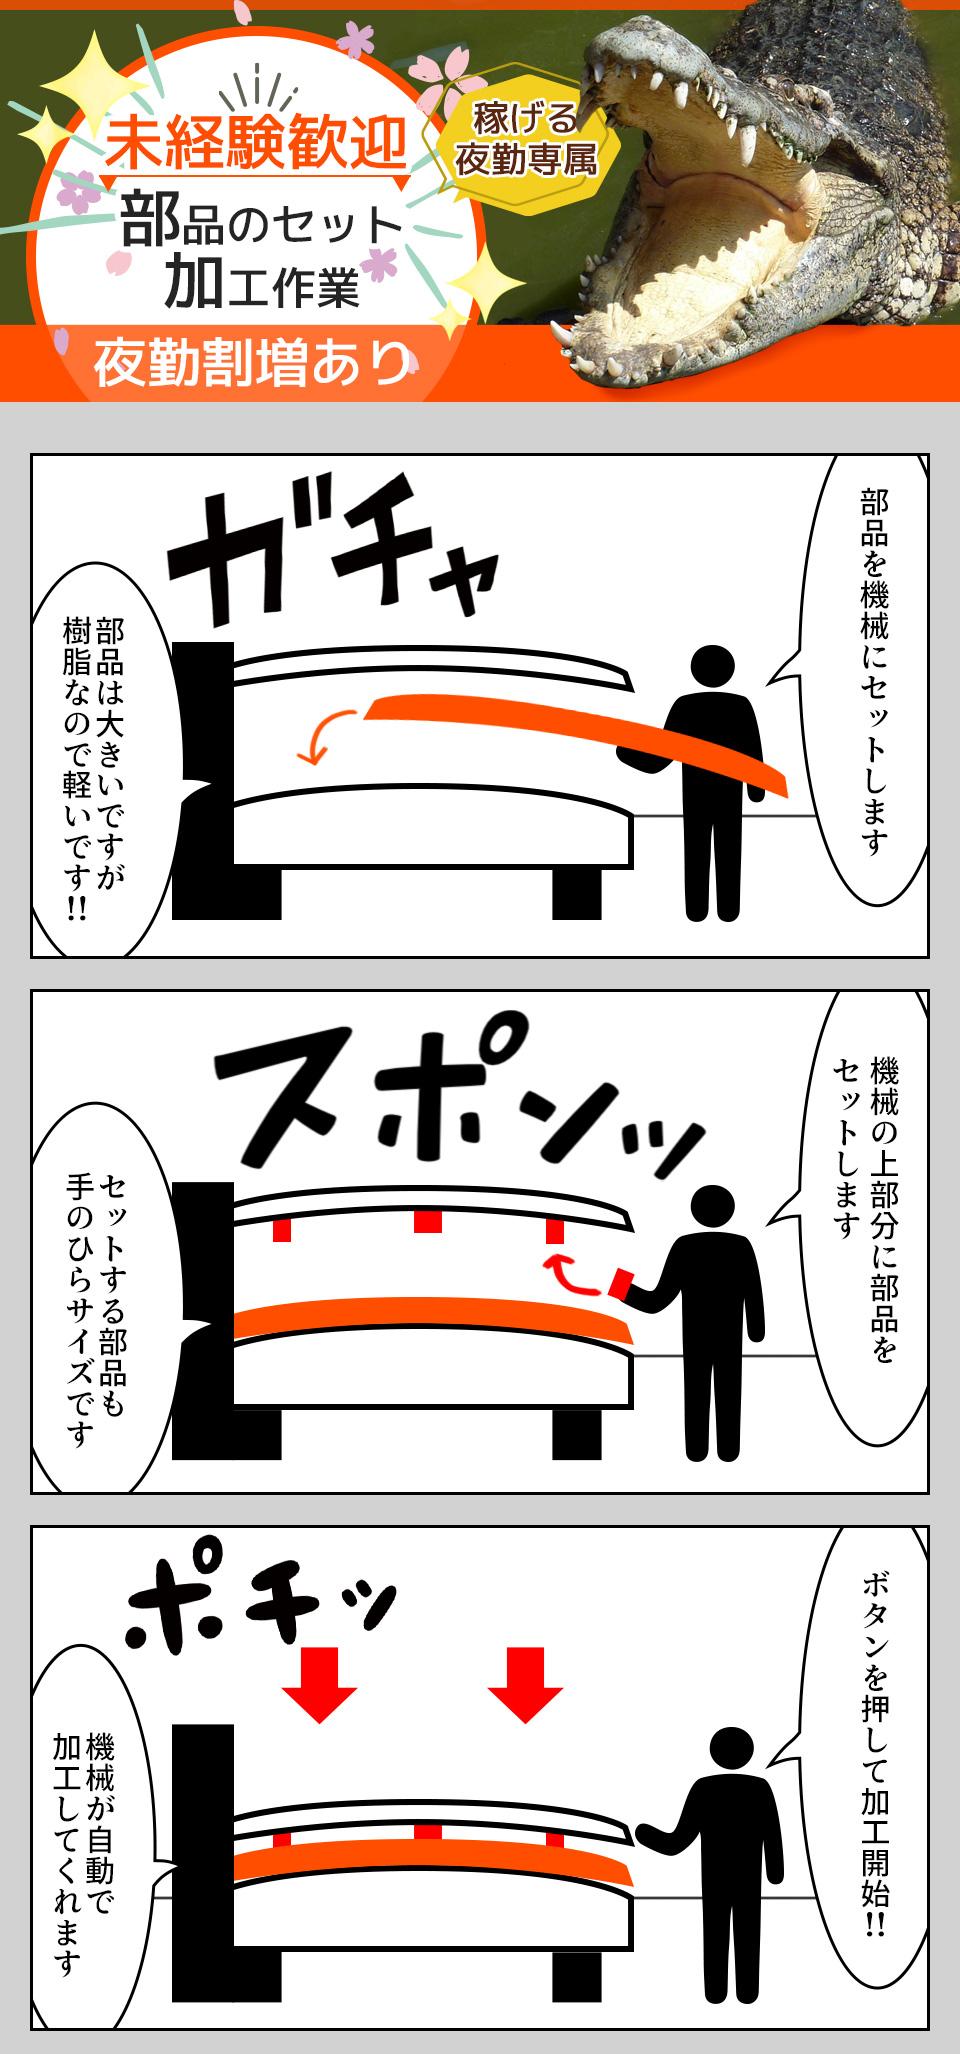 部品のセット・機械オペ 愛知県田原市の派遣社員求人